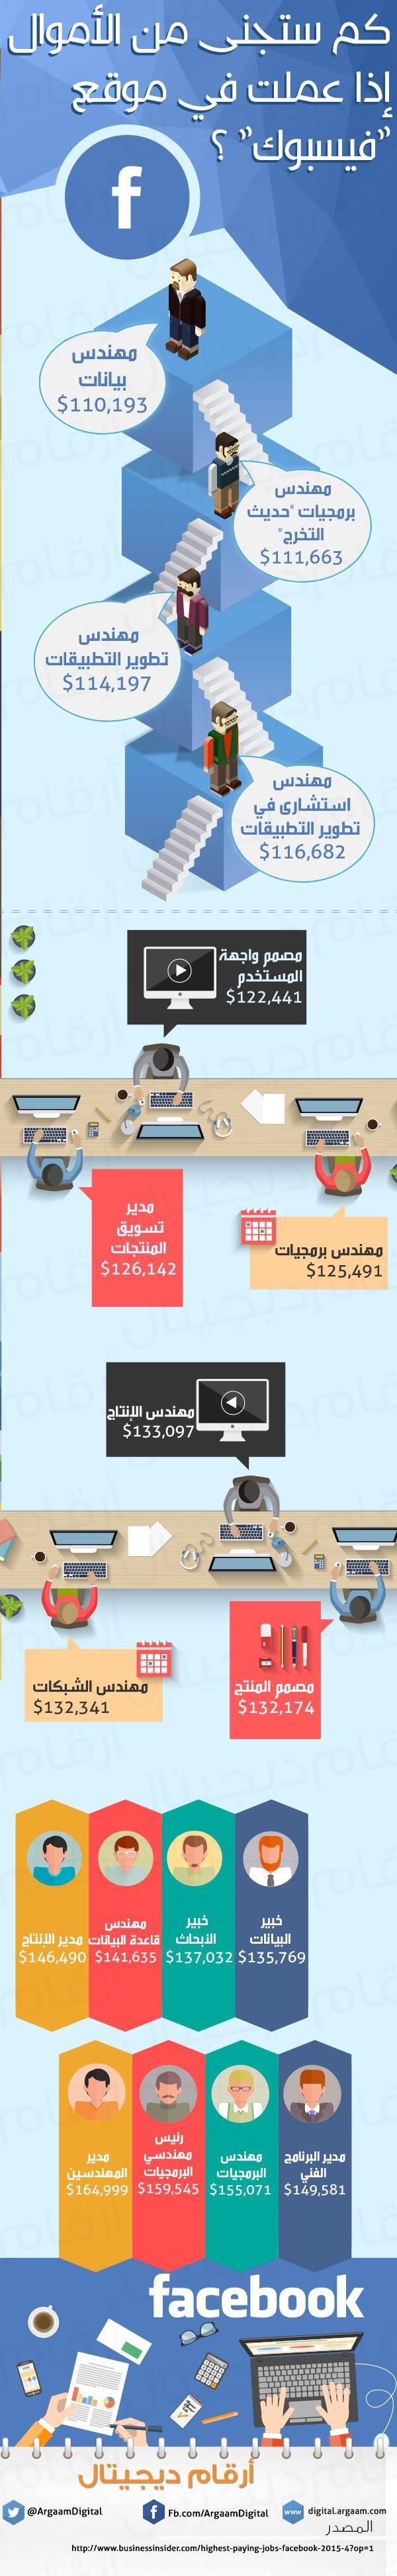 #انفوجرافيك كم ستجني من الأموال إذا عملت في #فيسبوك ؟ #اعلام_اجتماعي